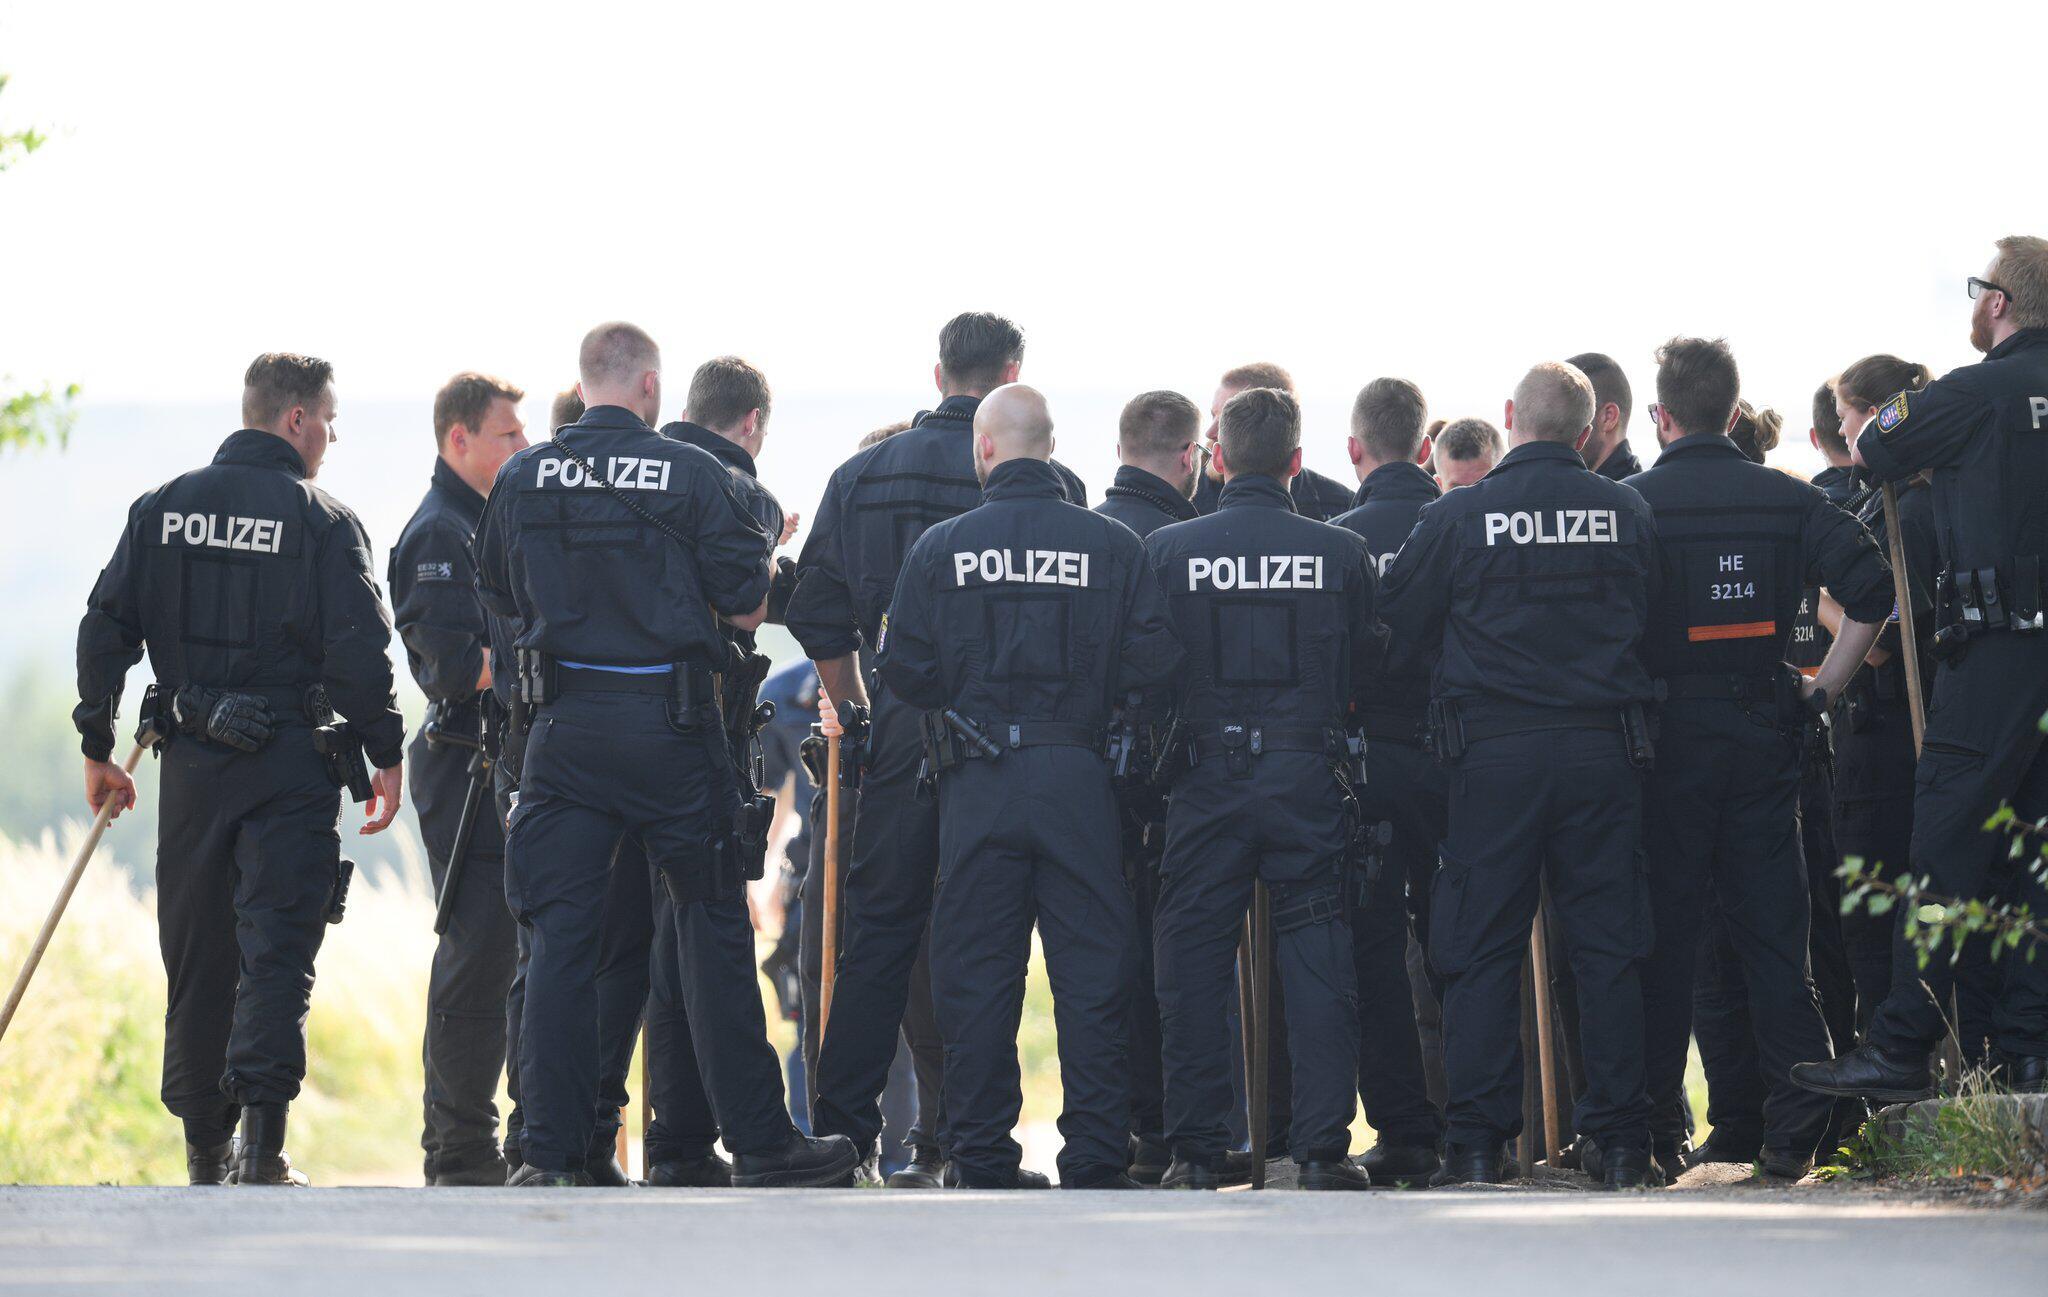 Bild zu Corpse found in Wiesbaden